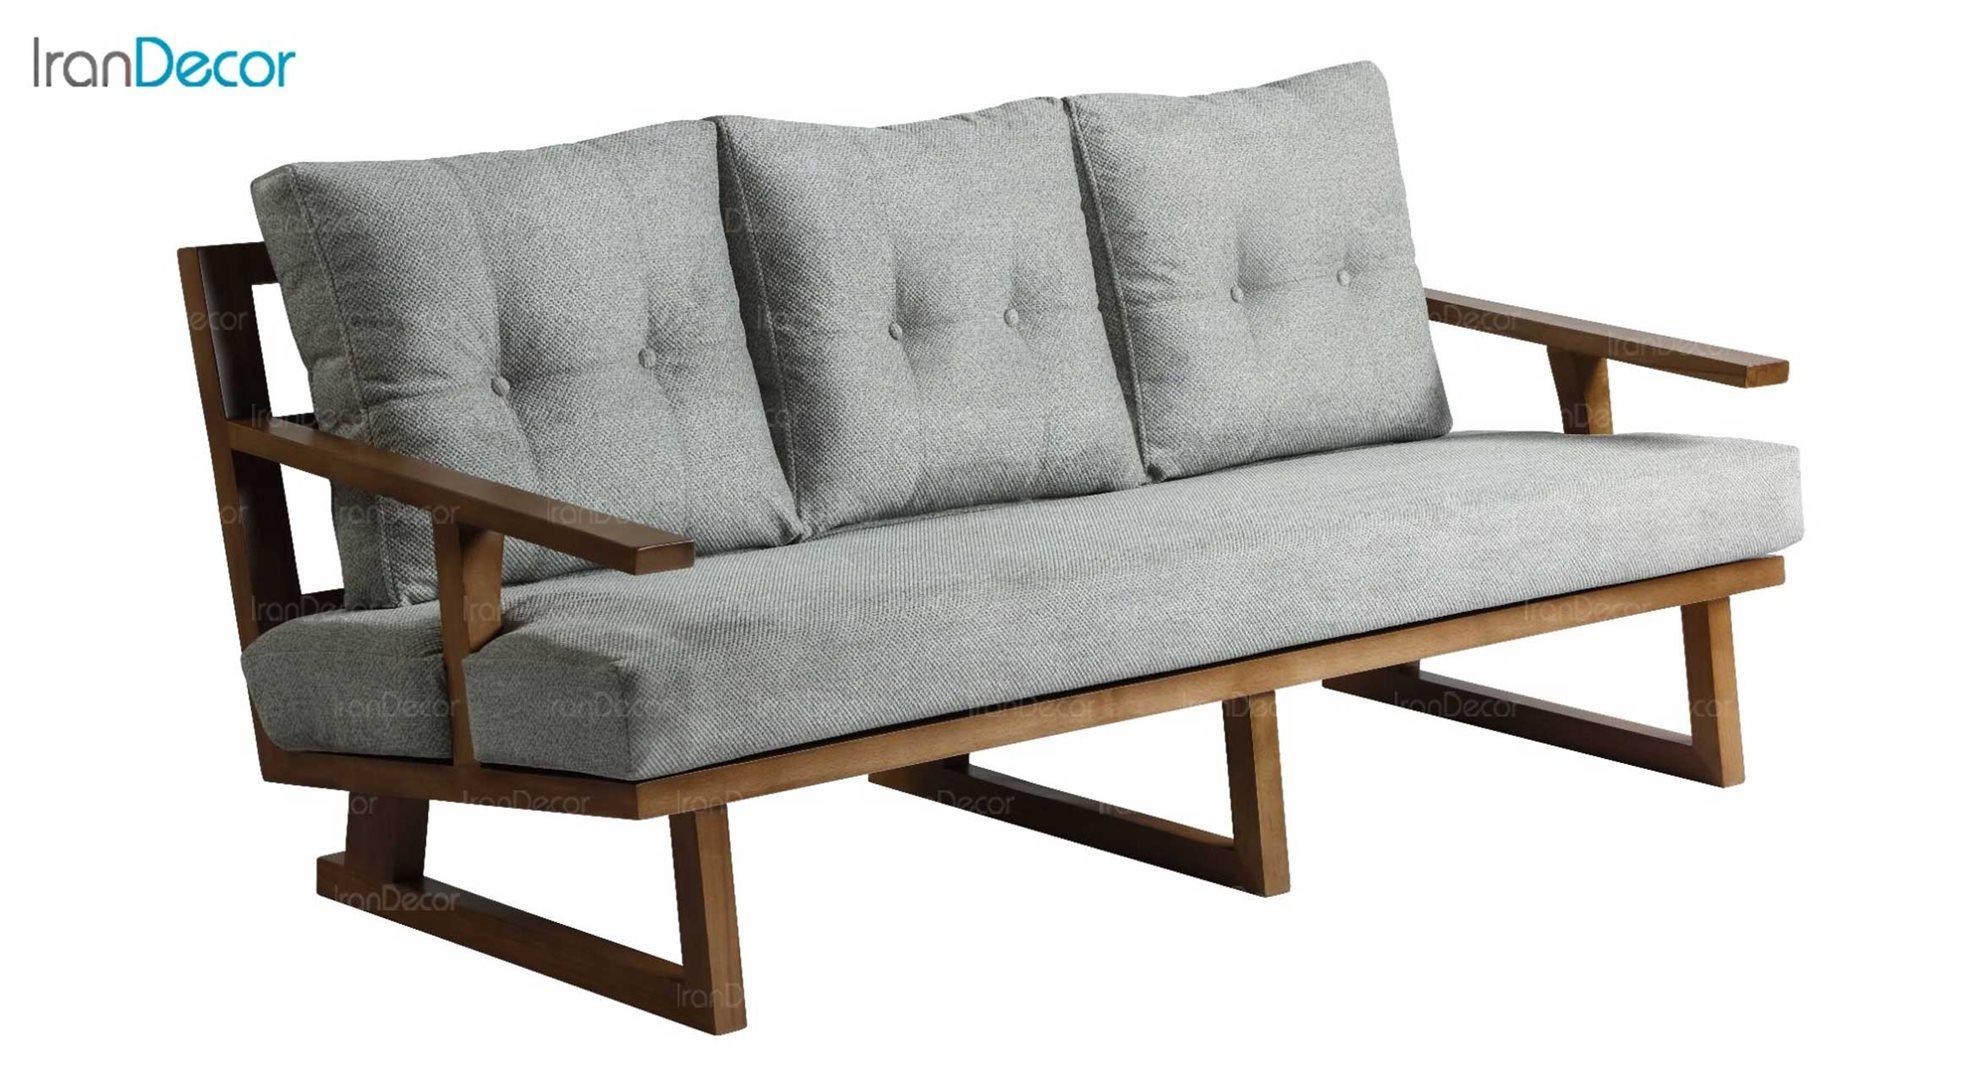 عکس مبل سه نفره دسته چوبی آفر مدل چیرو